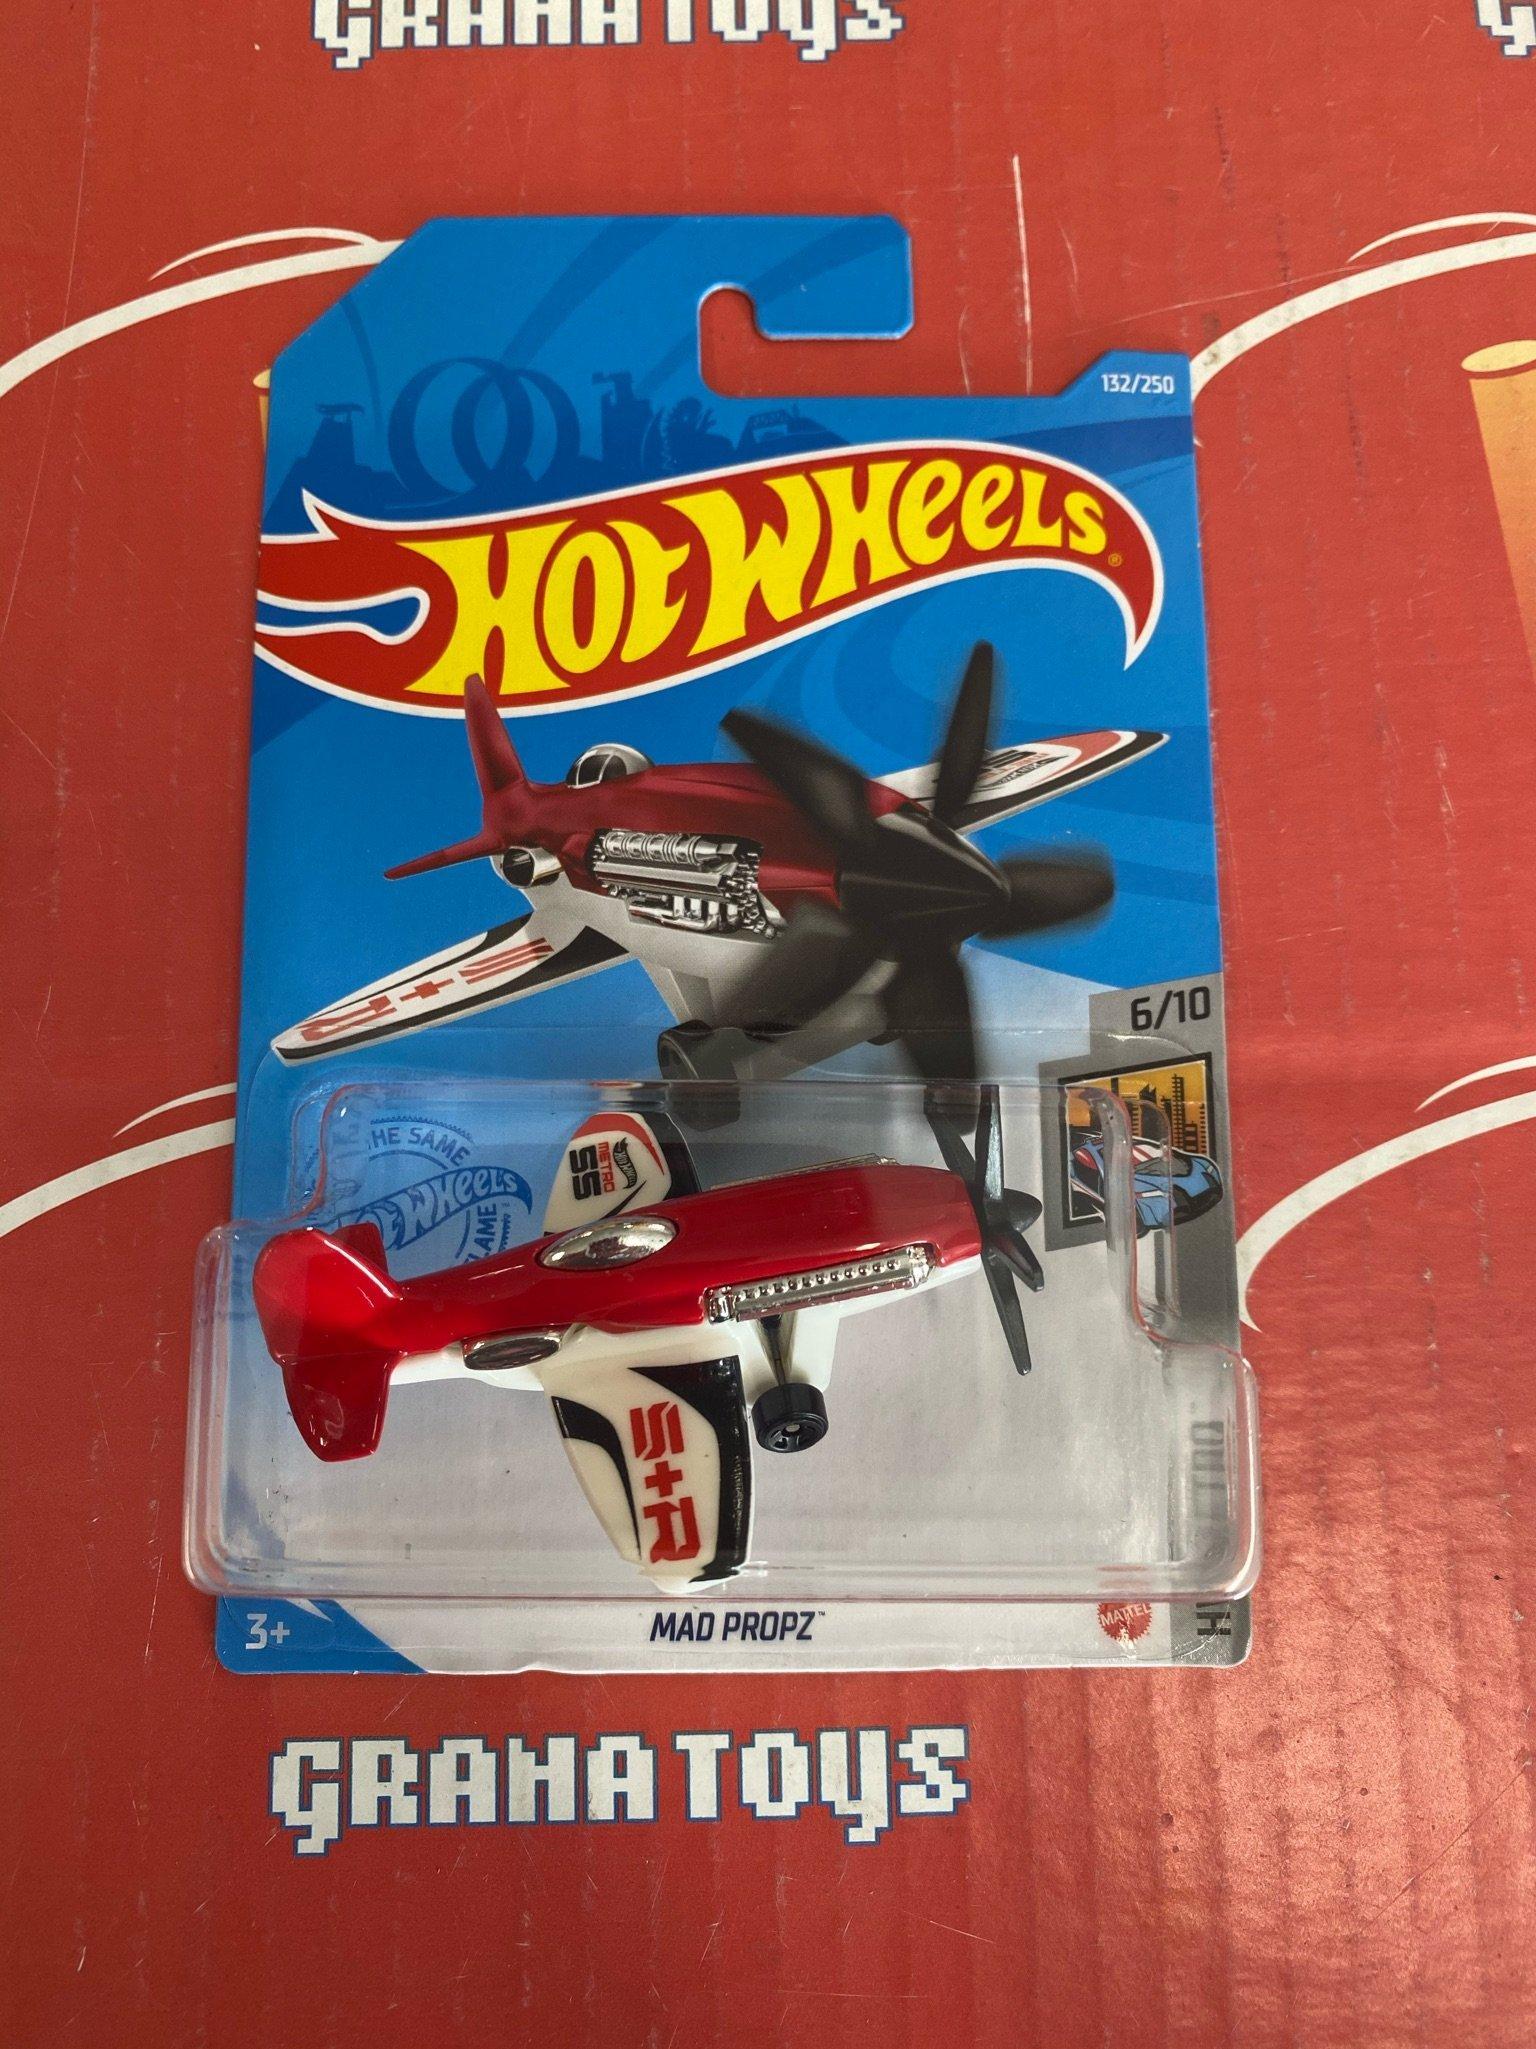 red//White DieCast Hotwheels Mad Propz 132//250 HW Metro 6//10